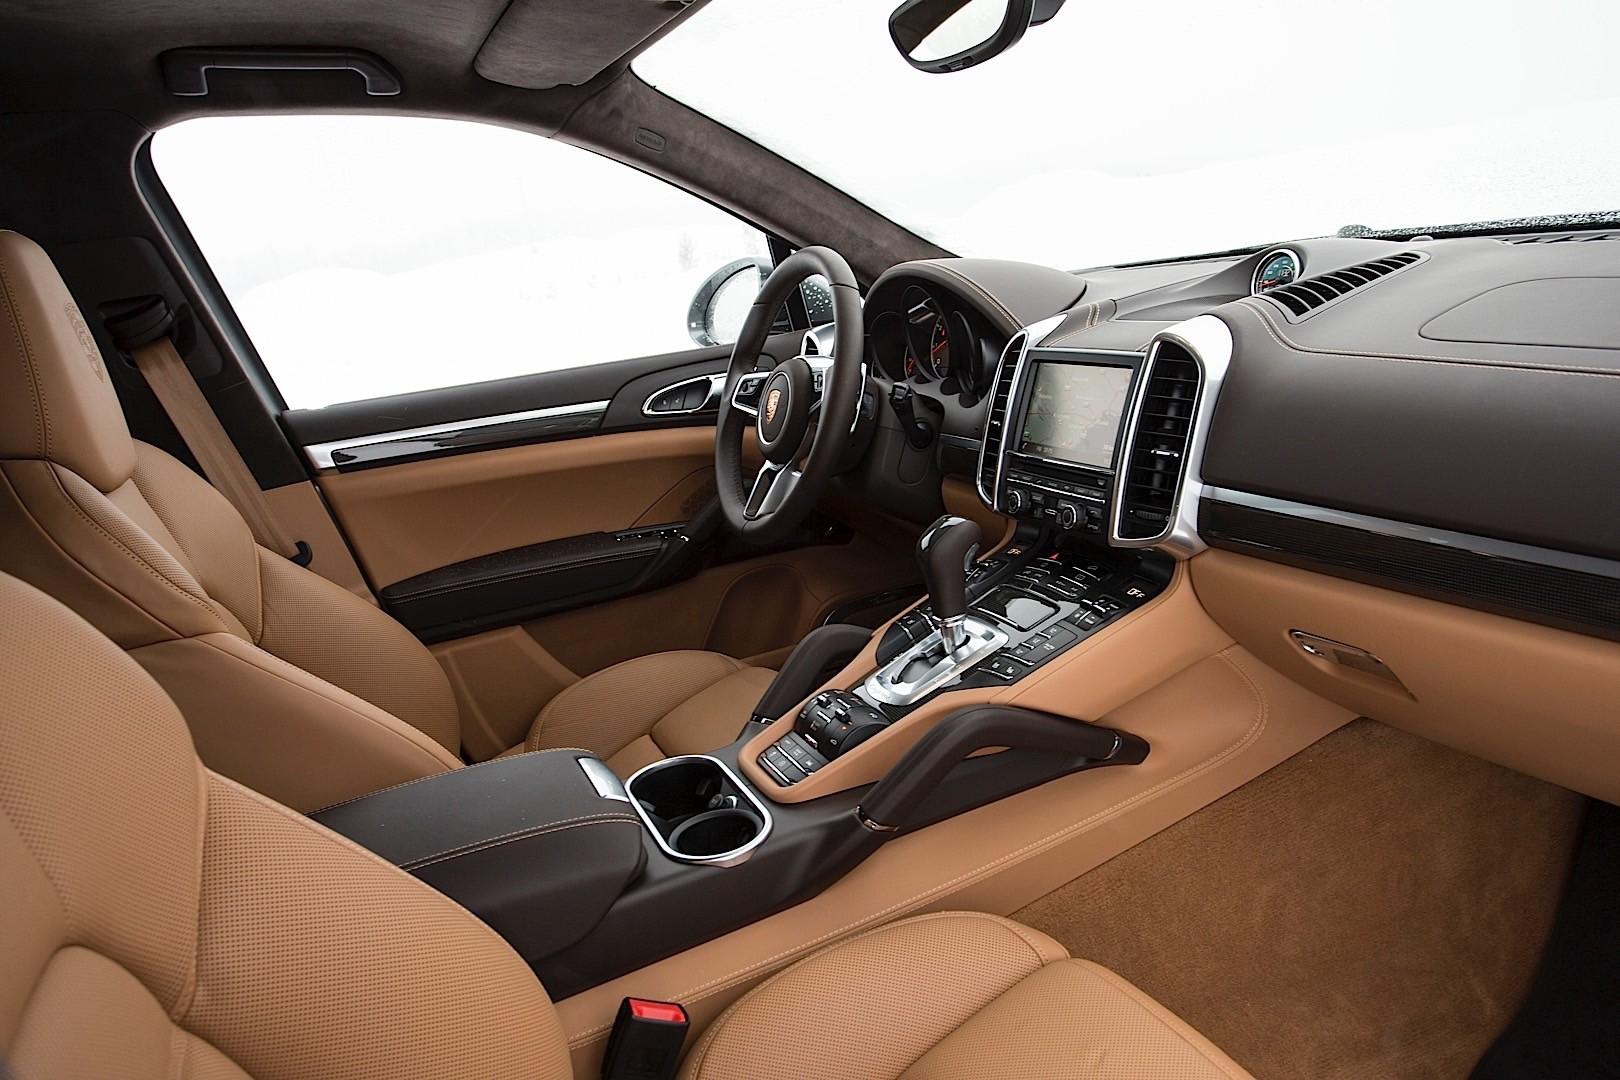 Porsche Cayenne Turbo S 2017